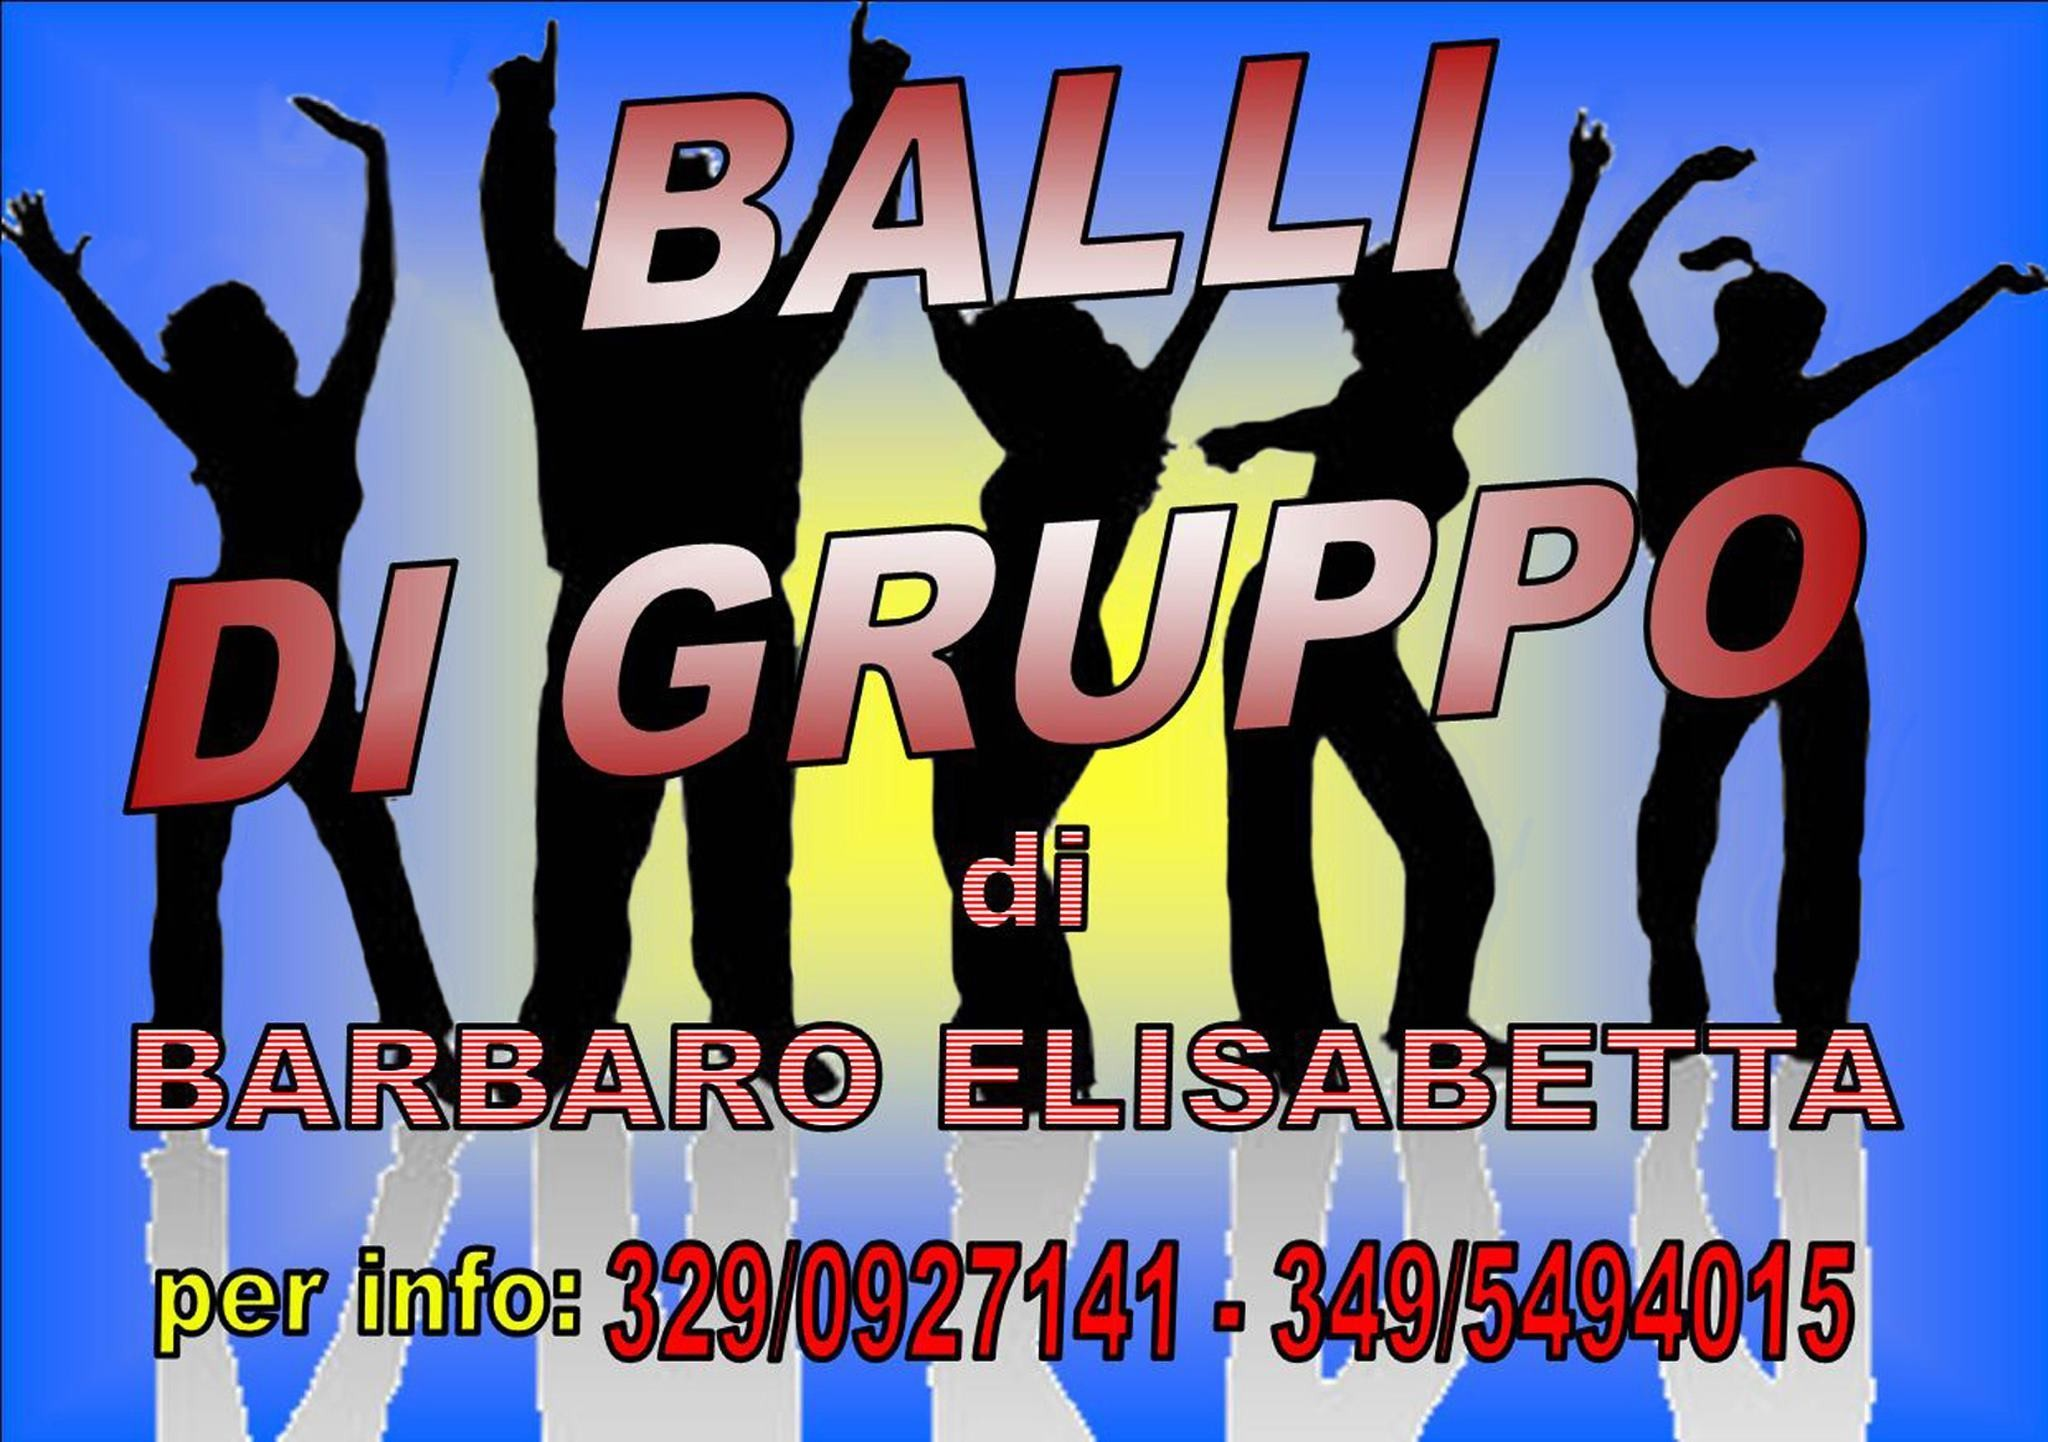 Buonasera amici di facebook!!! Domani giornata ricca di ballo qui al Dance & Fitness di Elisabetta Barbaro!!! Ecco a voi gli orari di Venerdì 9 Gennaio: - ORE 17:00 BABY DANCE, - ORE 18:00 BALLI DI GRUPPO PER ADULTI, - ORE 20:30 BALLI DI GRUPPO PER ADULTI, Vi aspetto per una lezione di prova a questi orari di lezione presso la nostra sede in Via San Biagio, Velletri - Associazione Culturale Ossigeno.